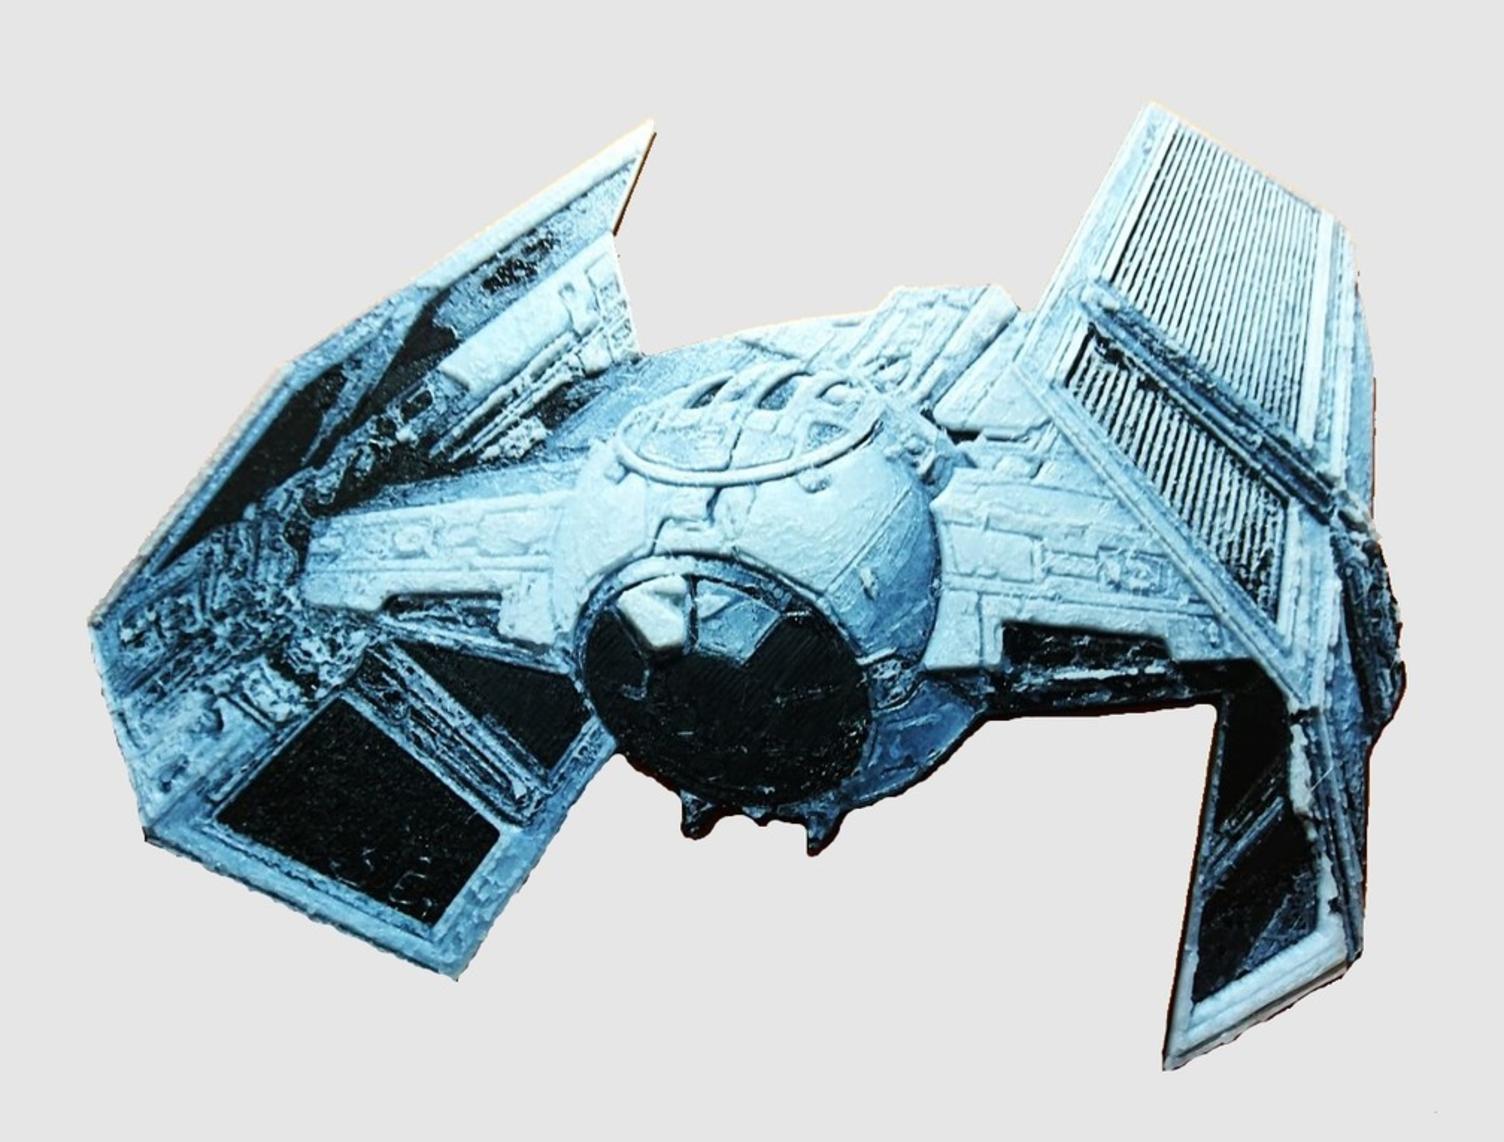 Capture d'écran 2017-07-26 à 10.06.35.png Download free STL file Star Wars Combat Ship 3D Drawing • 3D print model, 3dlito